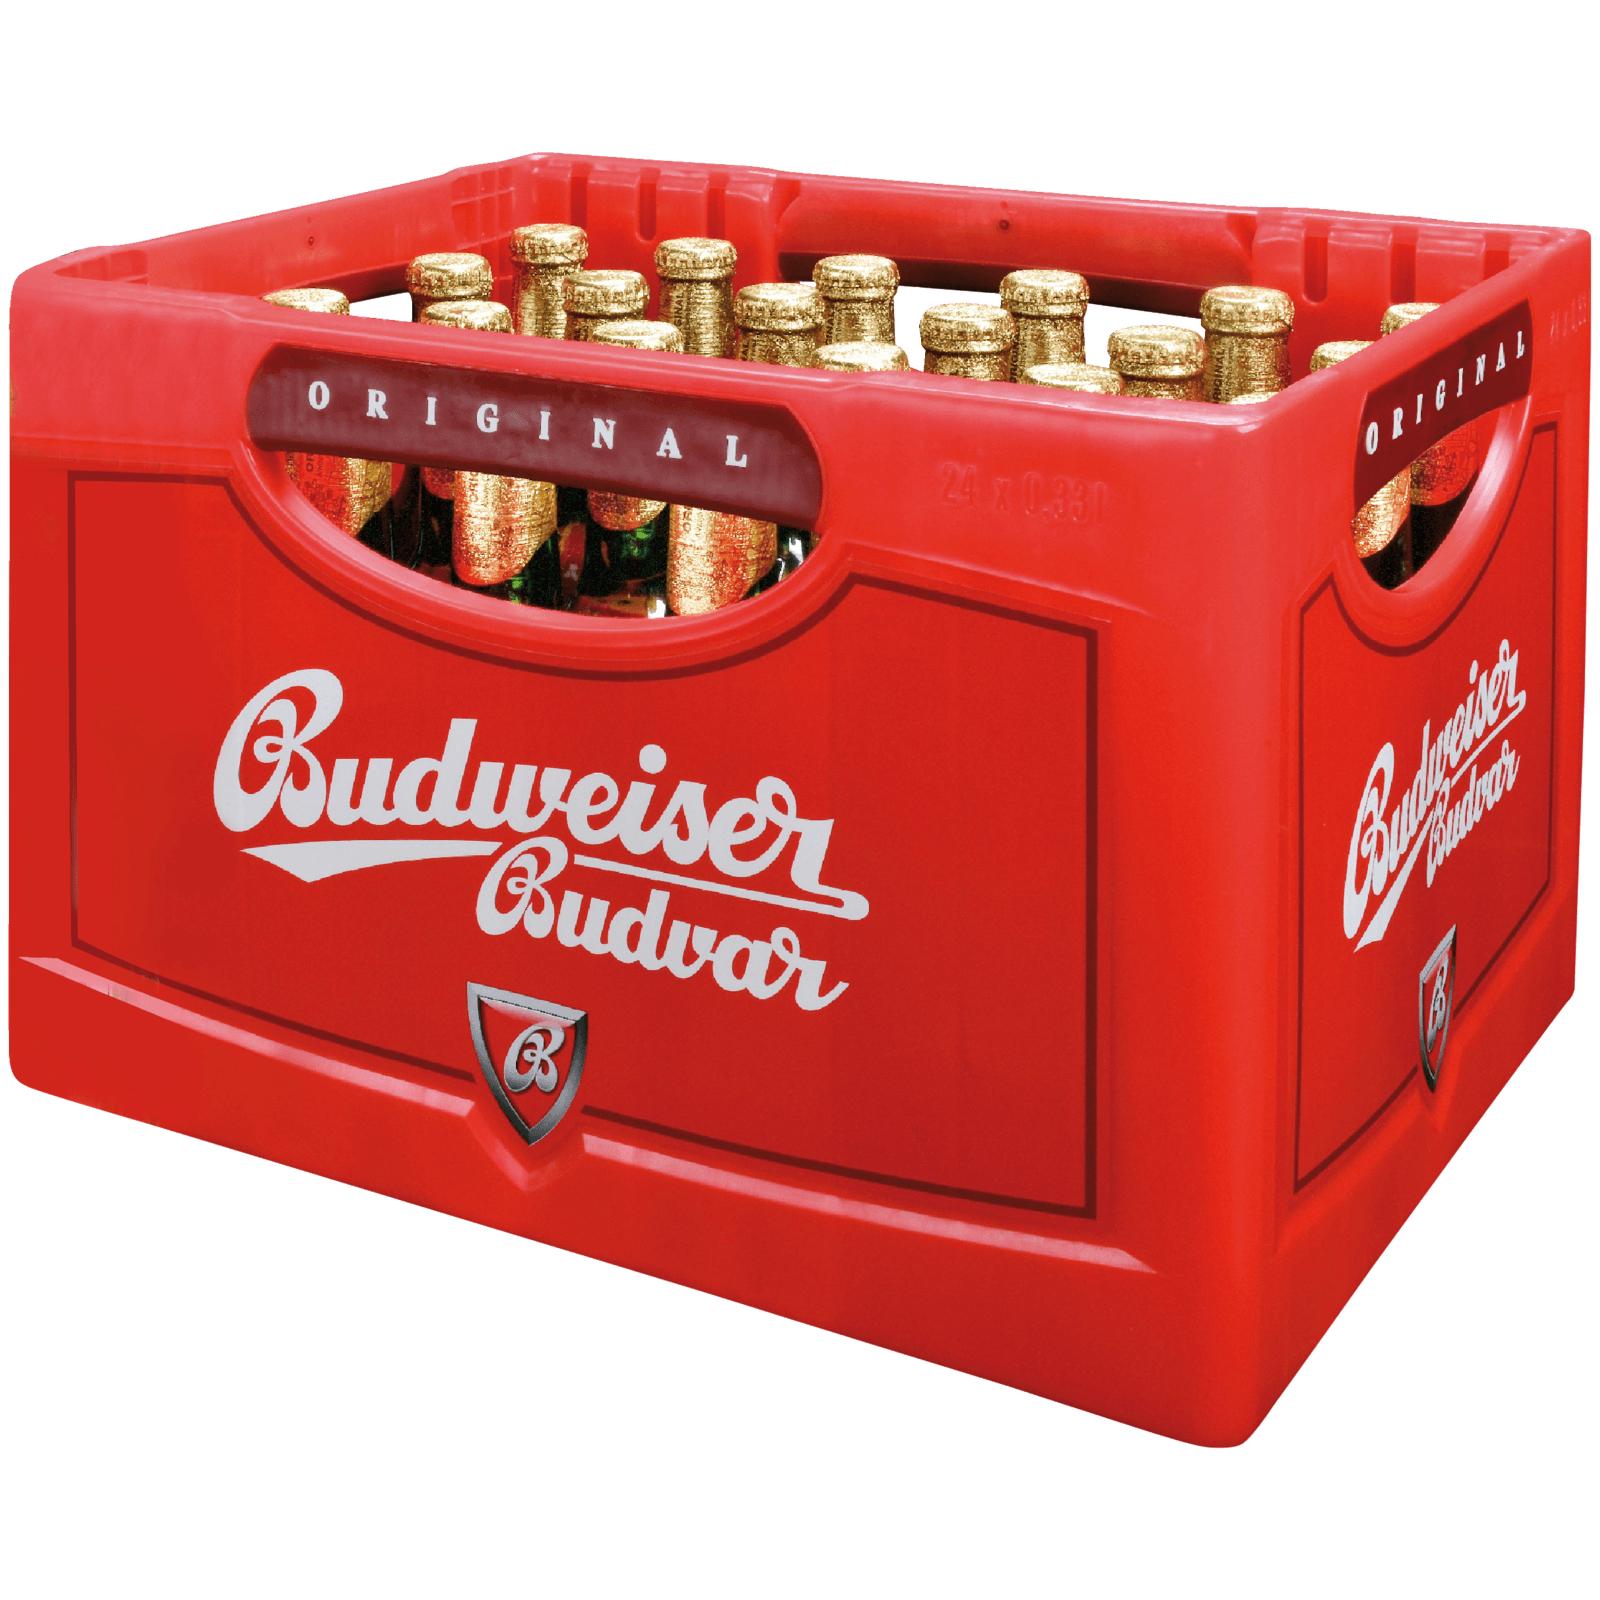 (Citti Maerkte) Kasten Budweiser 24*0,33 Flaschen fuer 11€